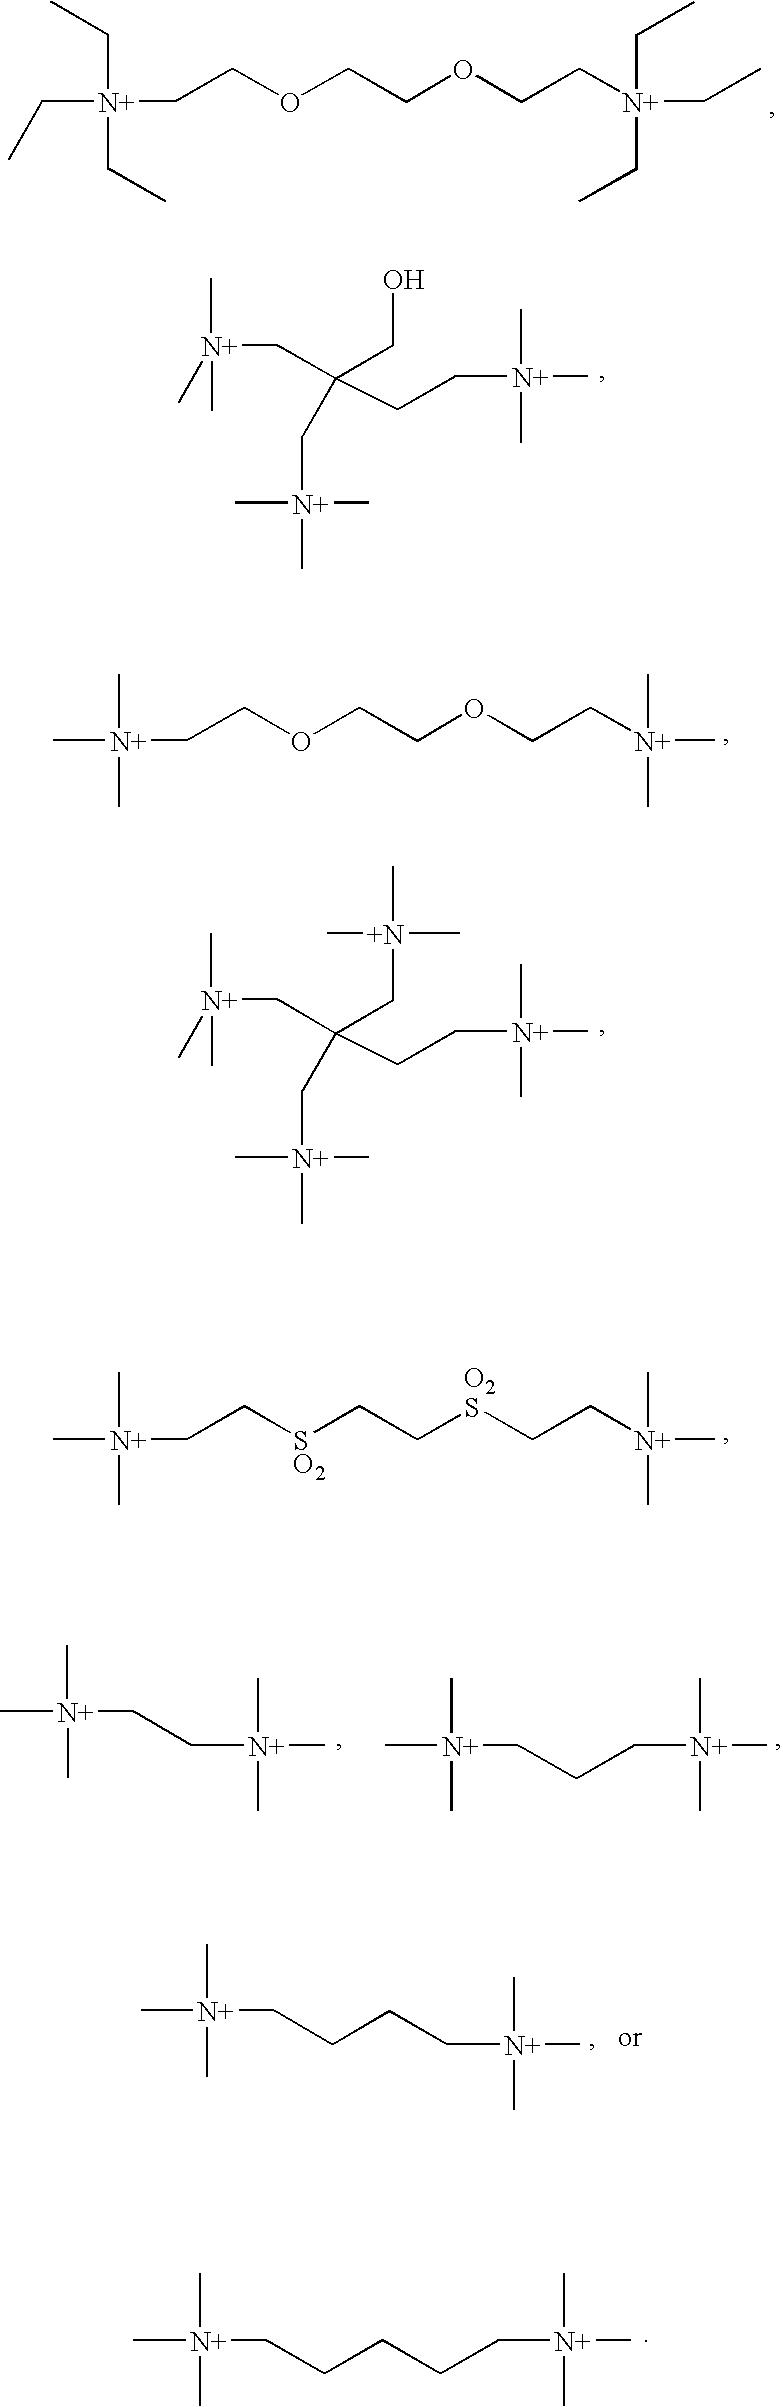 Figure US07189865-20070313-C00008